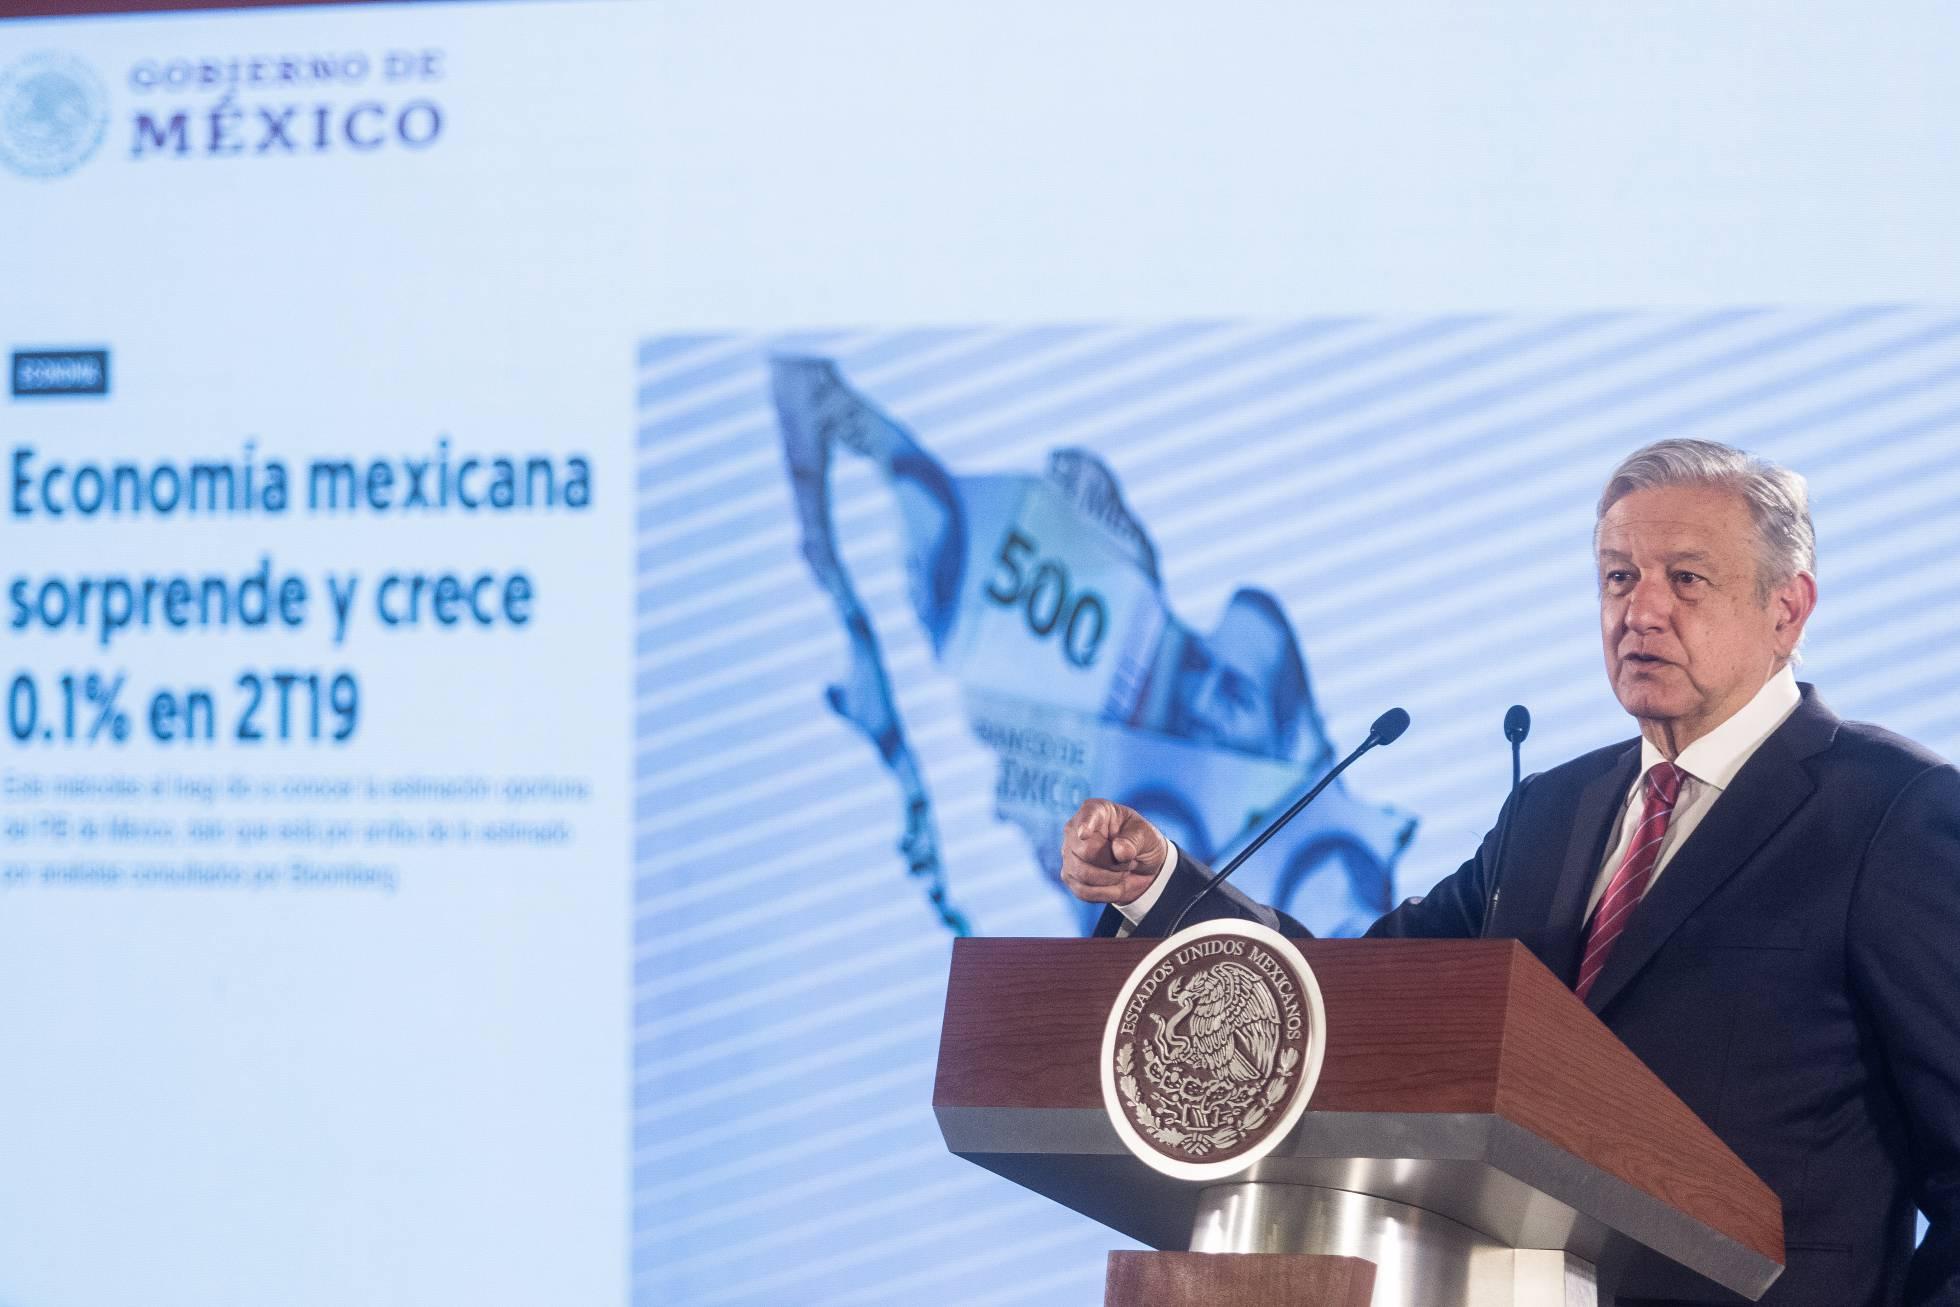 López Obrador entra en una encrucijada ante el freno de la economía mexicana